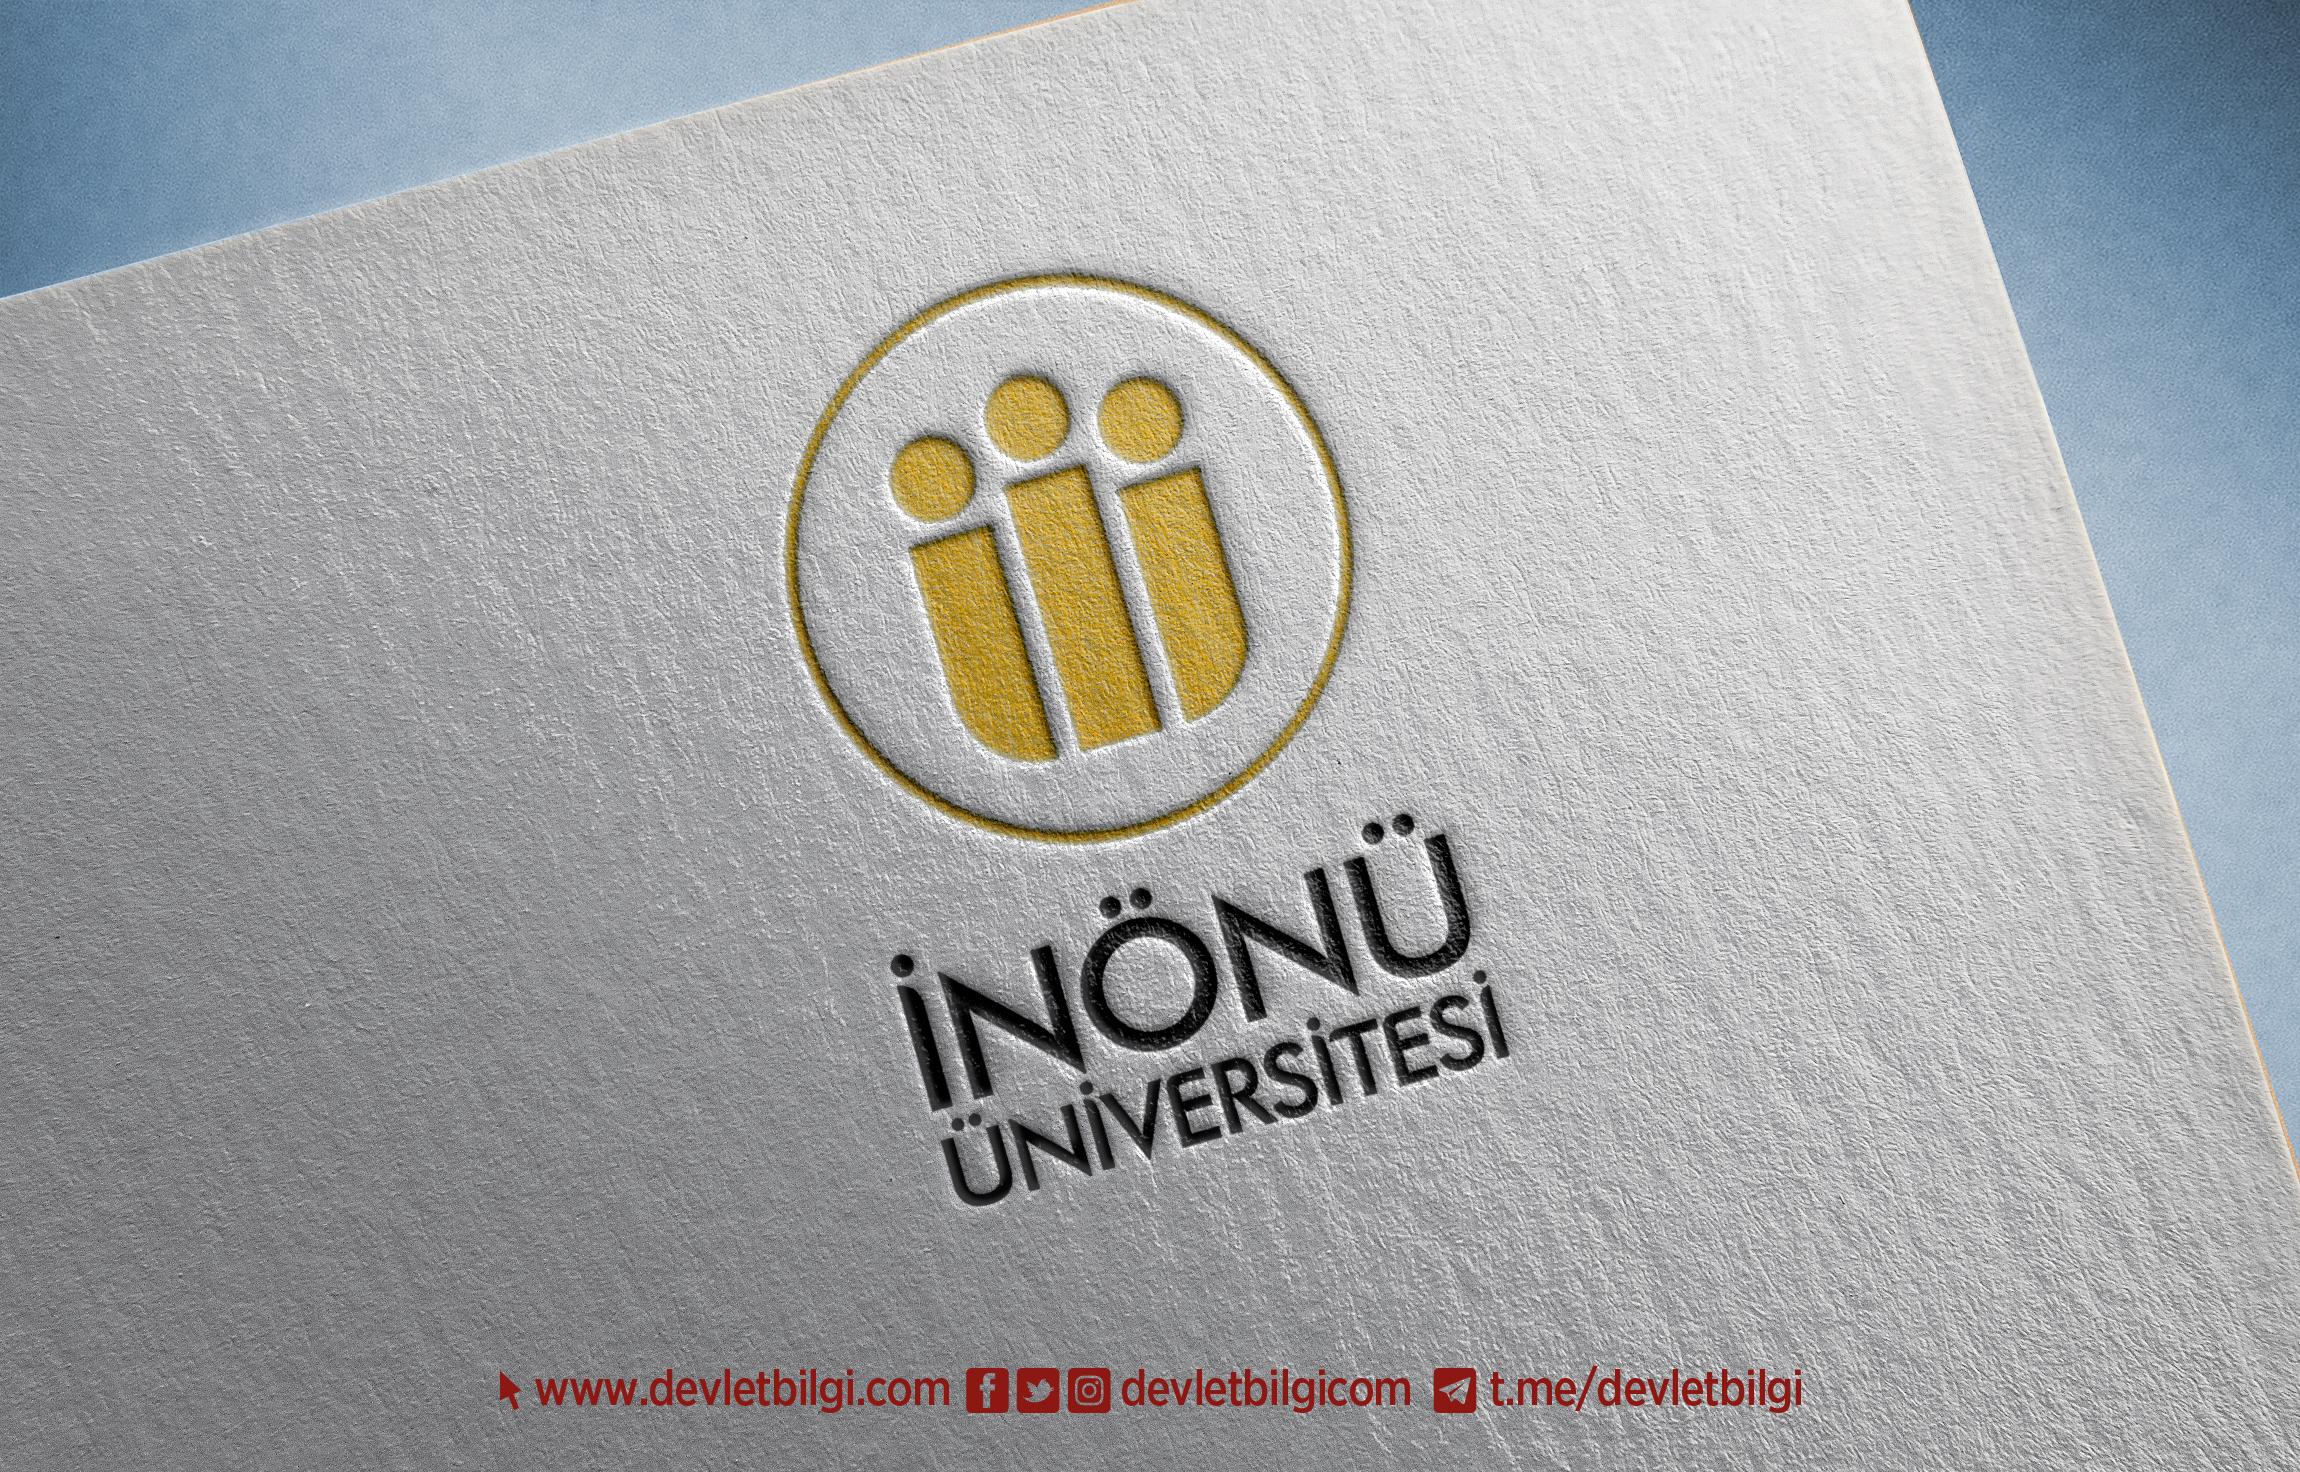 Malatya İnönü Üniversitesi 2019 yılı 101 Kişi Sözleşmeli Personel Alım İlanı